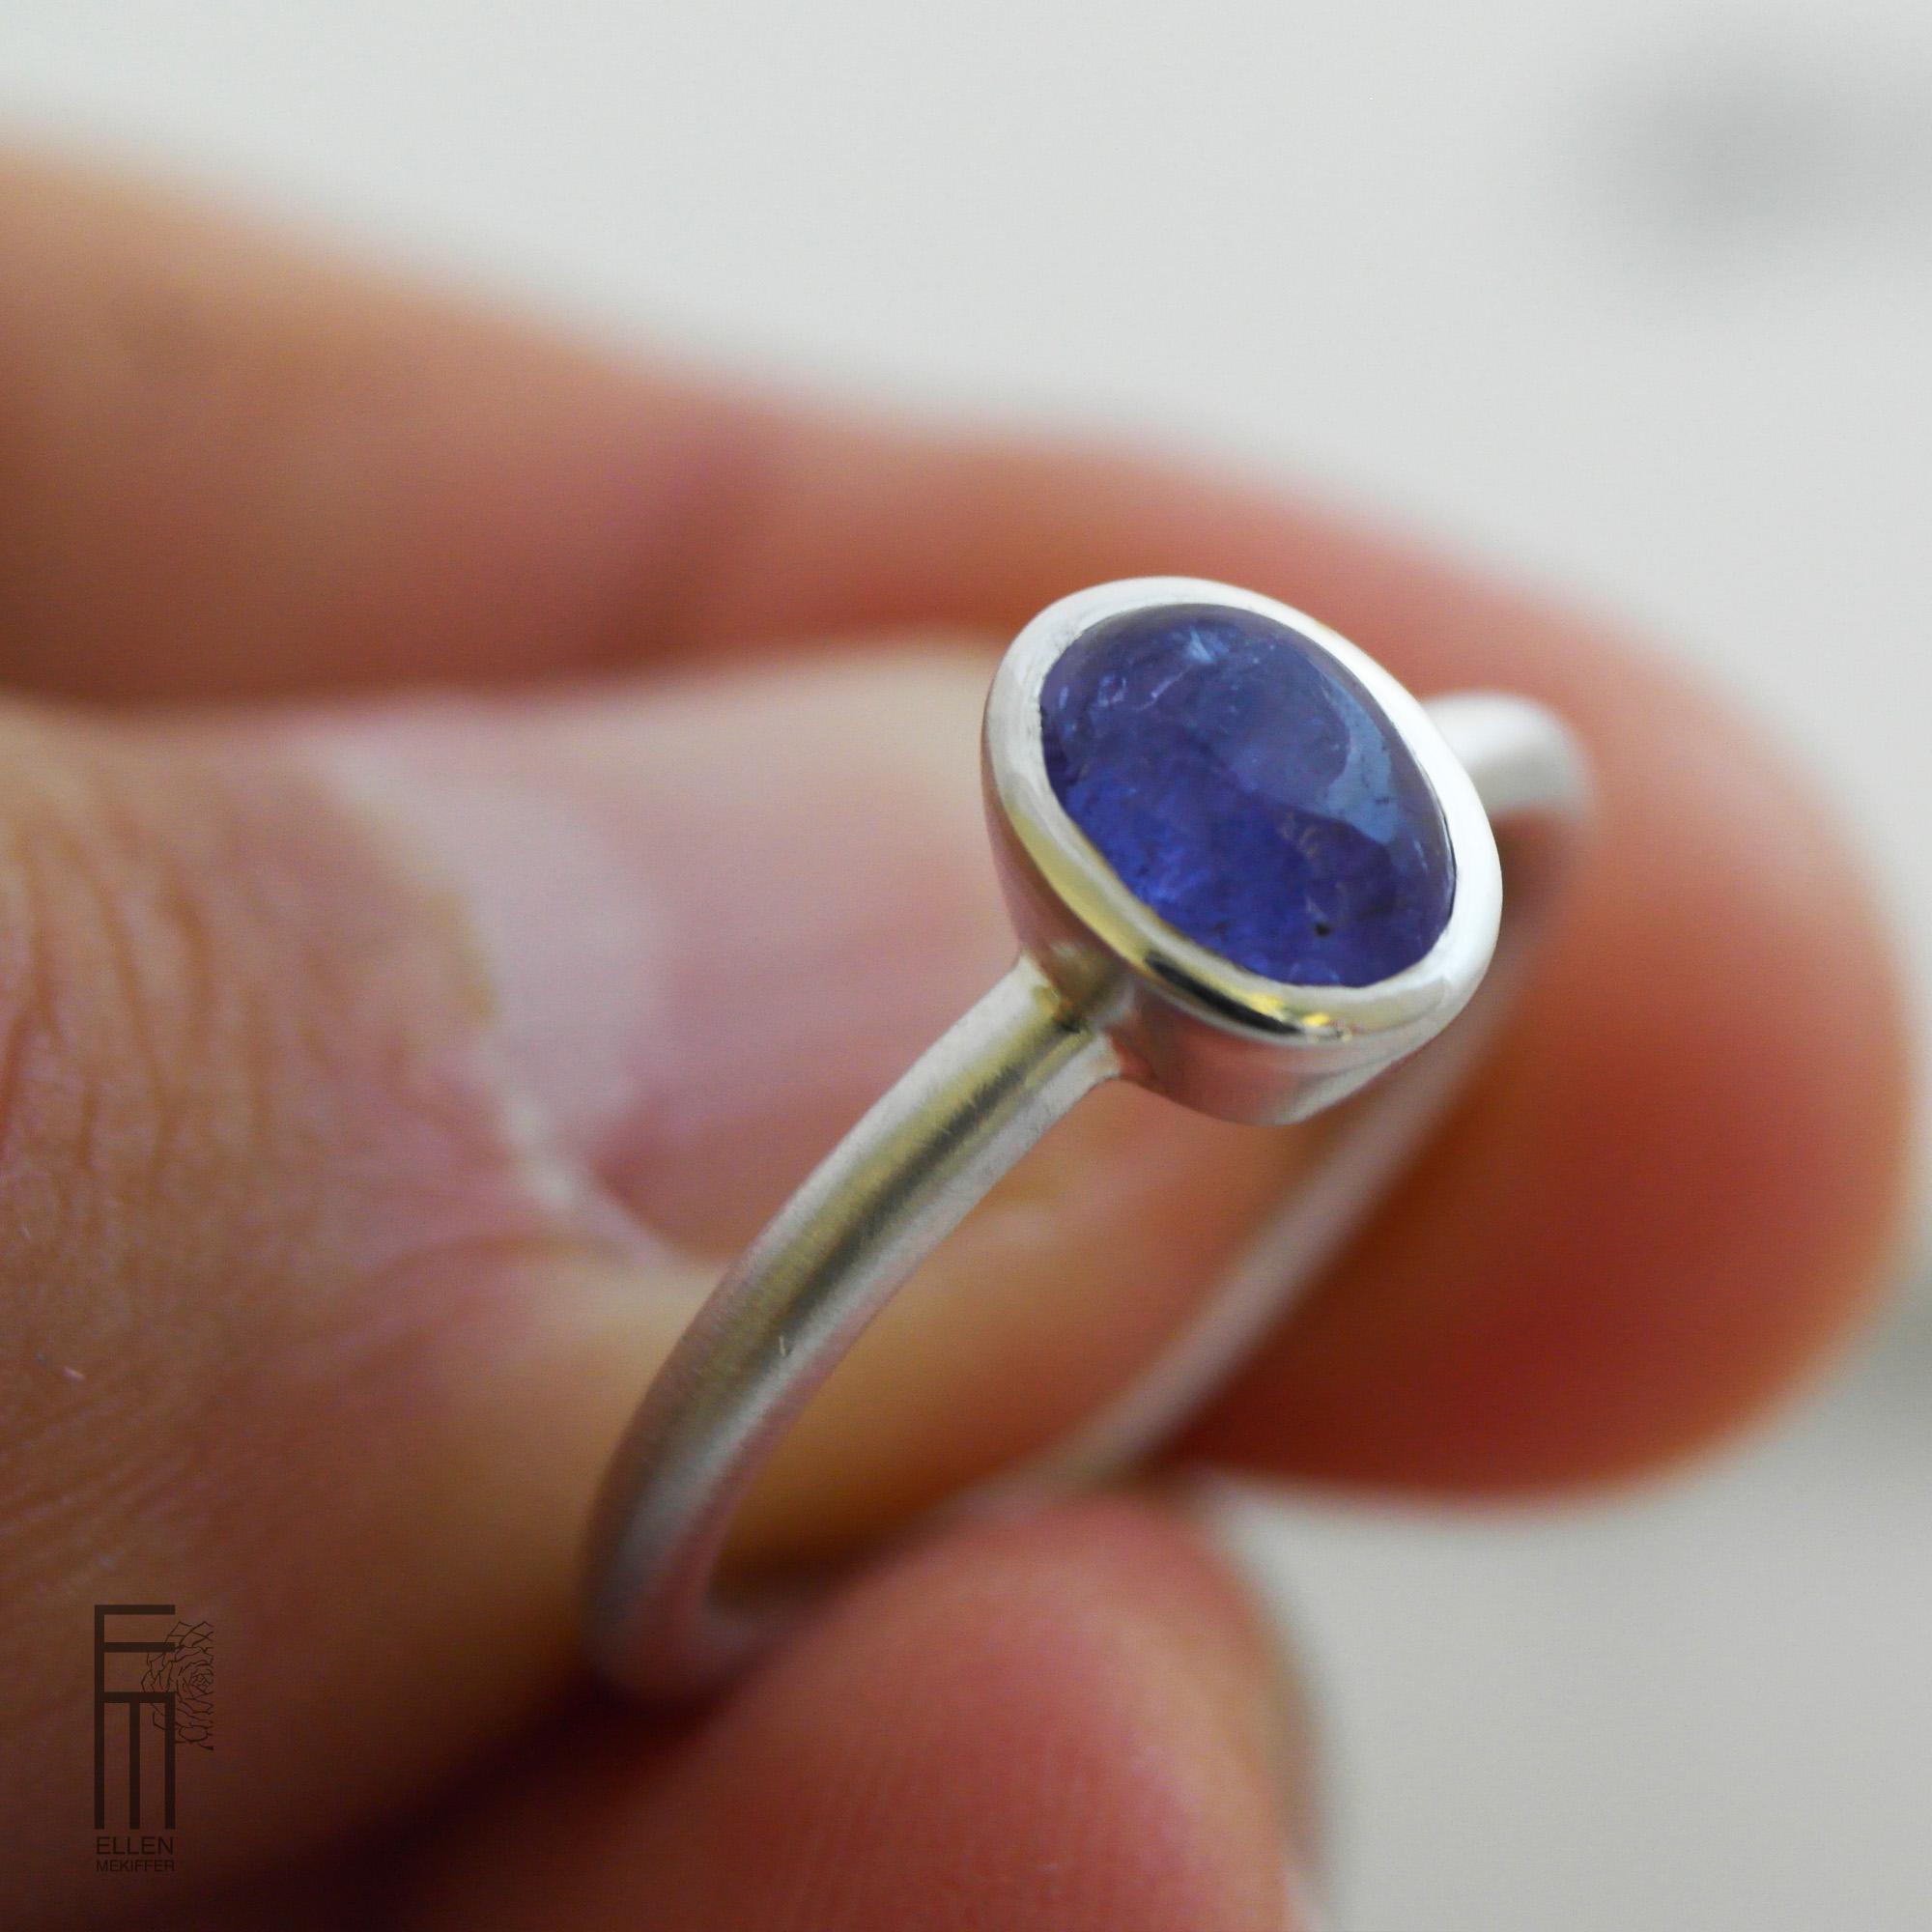 anillo minimalista de plata con tanzanita azul para mujer, ellen mekiffer sevilla, comprar anillo de plata con tanzanita, joyeria artesanal, joyasmarket